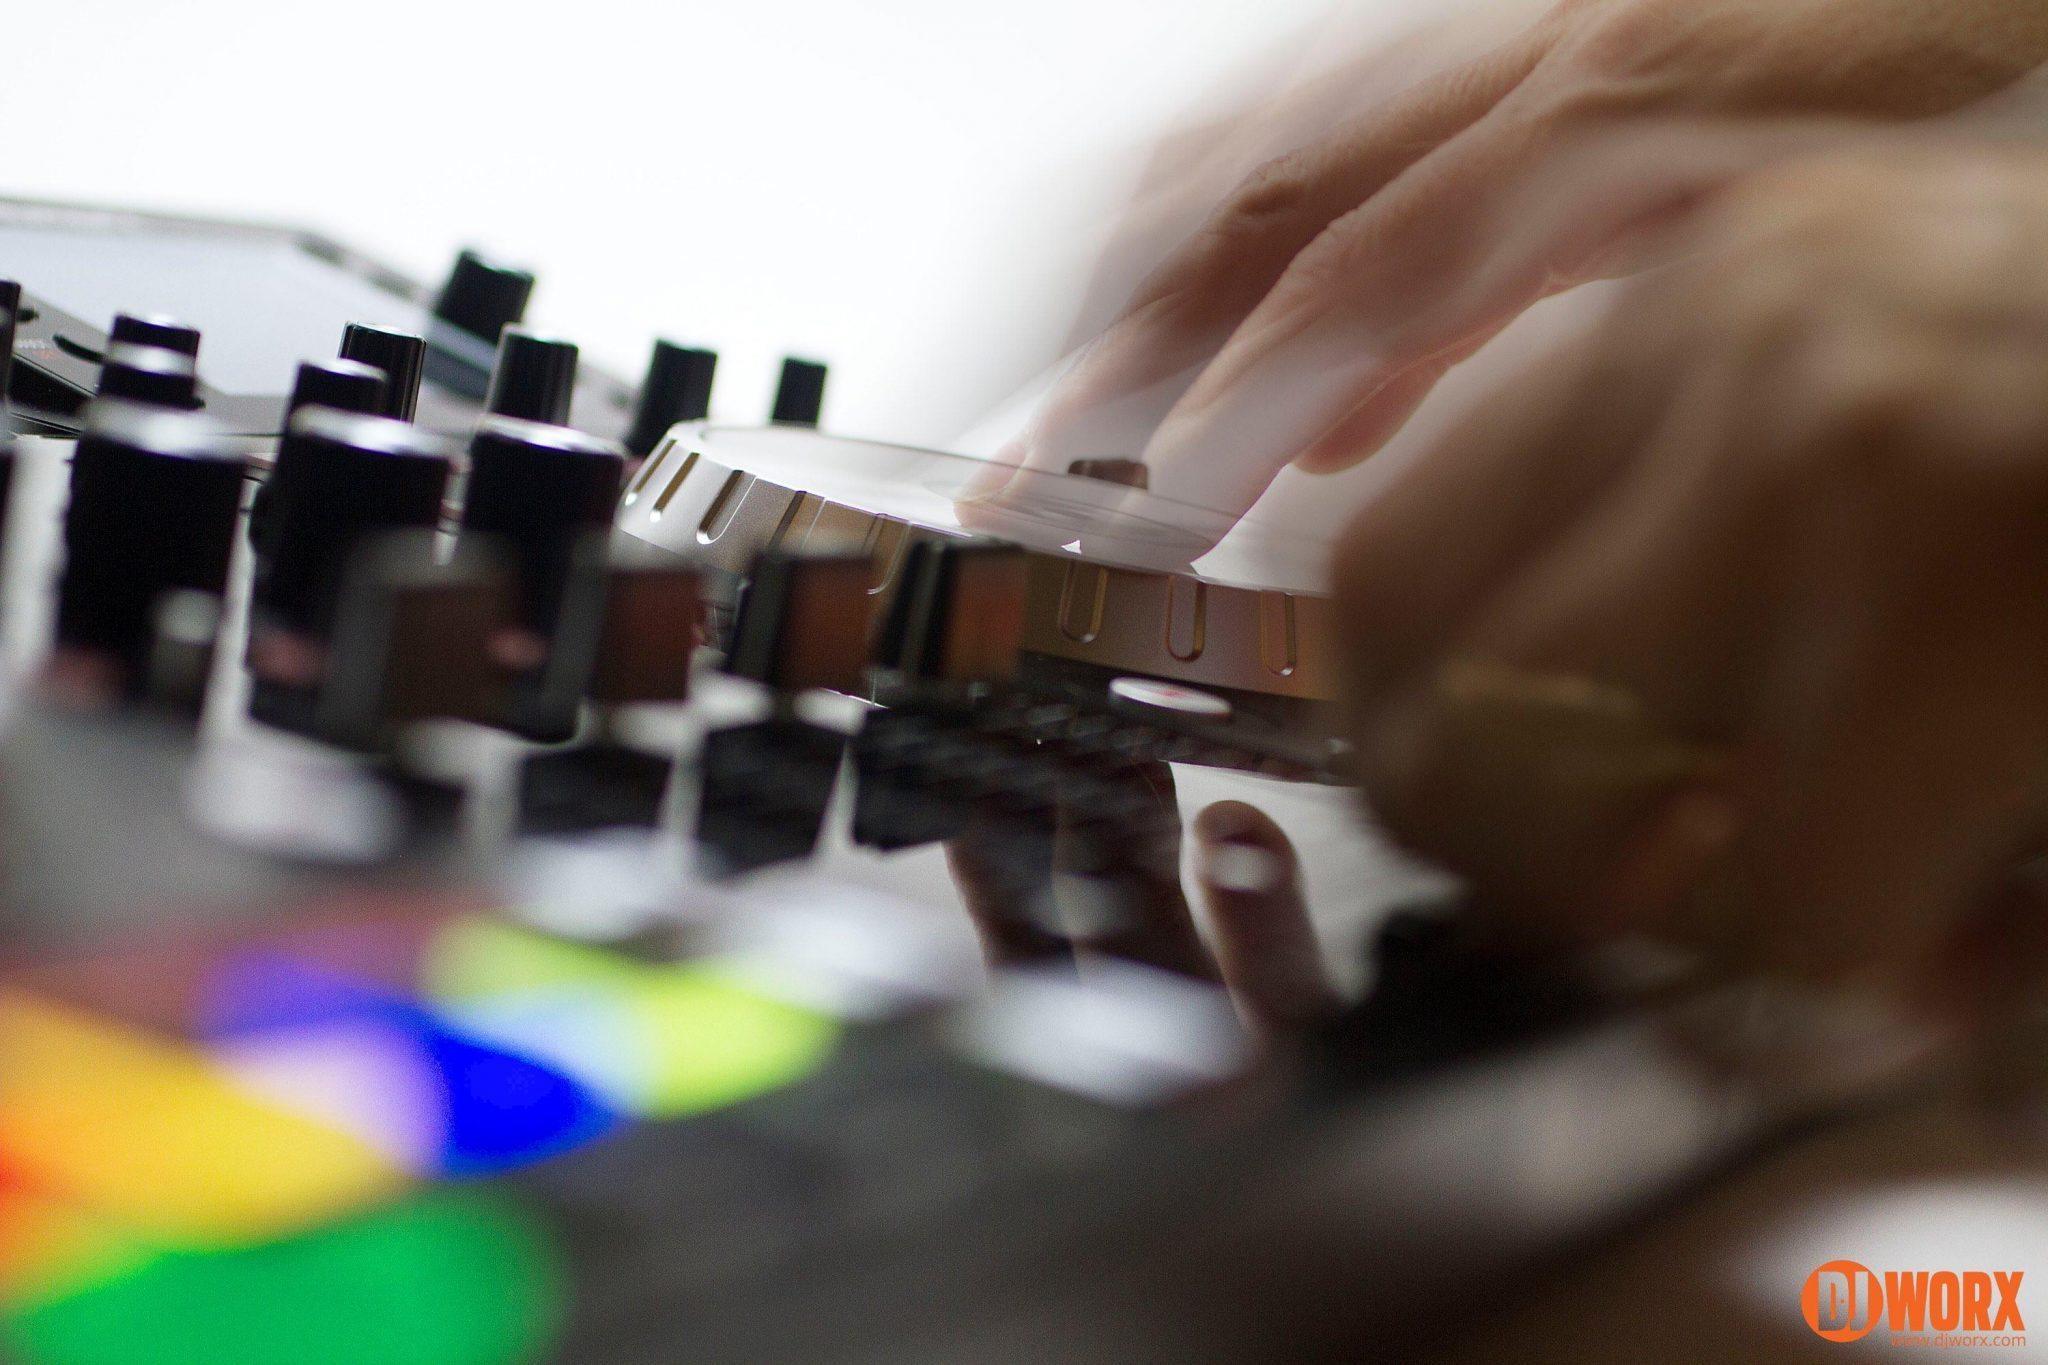 Numark NV Serato DJ controller review (13)